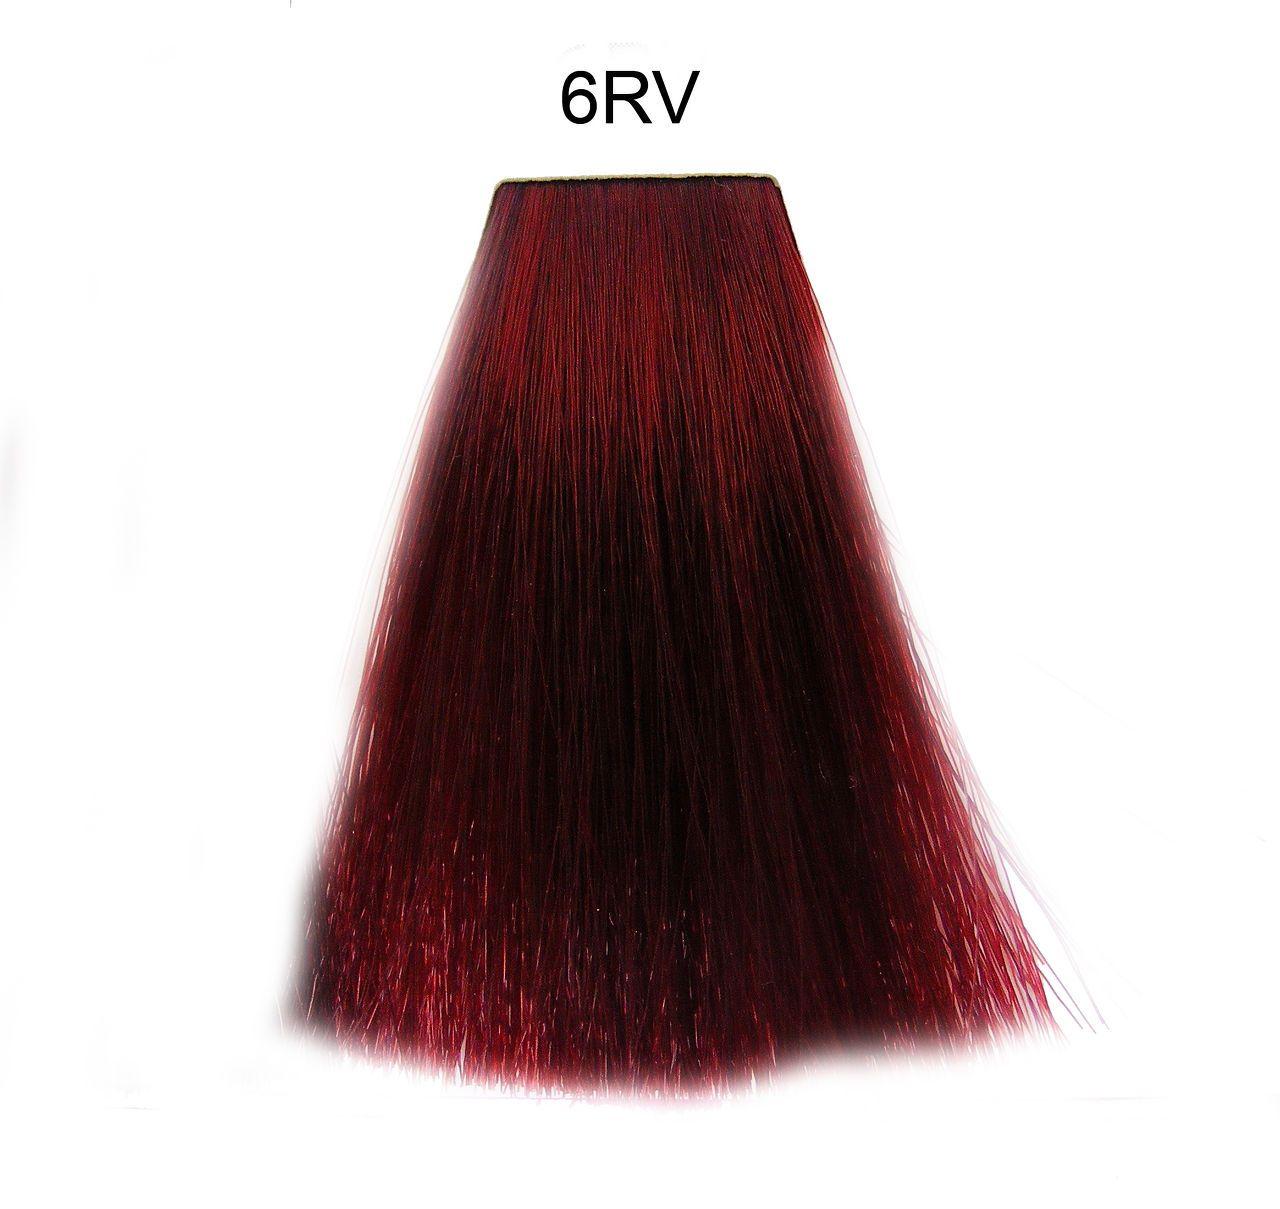 Vopsea Matrix Socolor 6rv Blond Inchis Rosu Violet 90ml Blonde Violet Beauty Basics